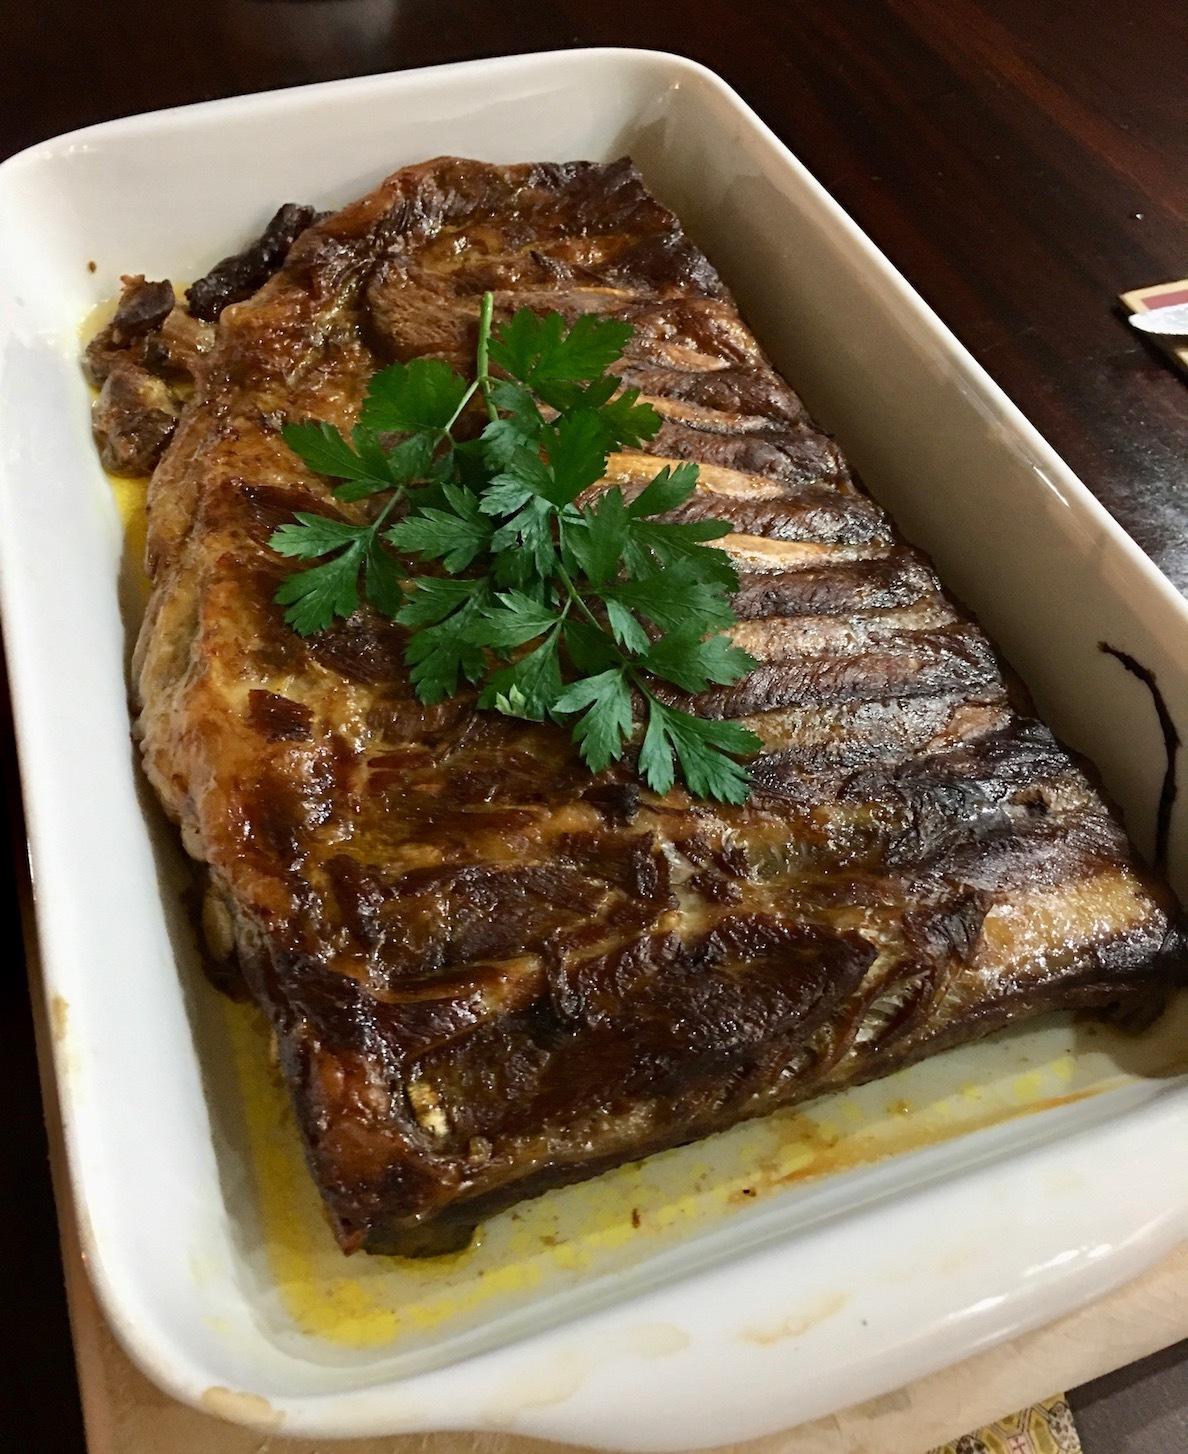 お肉の週、歩いては食べる/  We Were Meat Eaters Last Week_e0310424_18193268.jpg